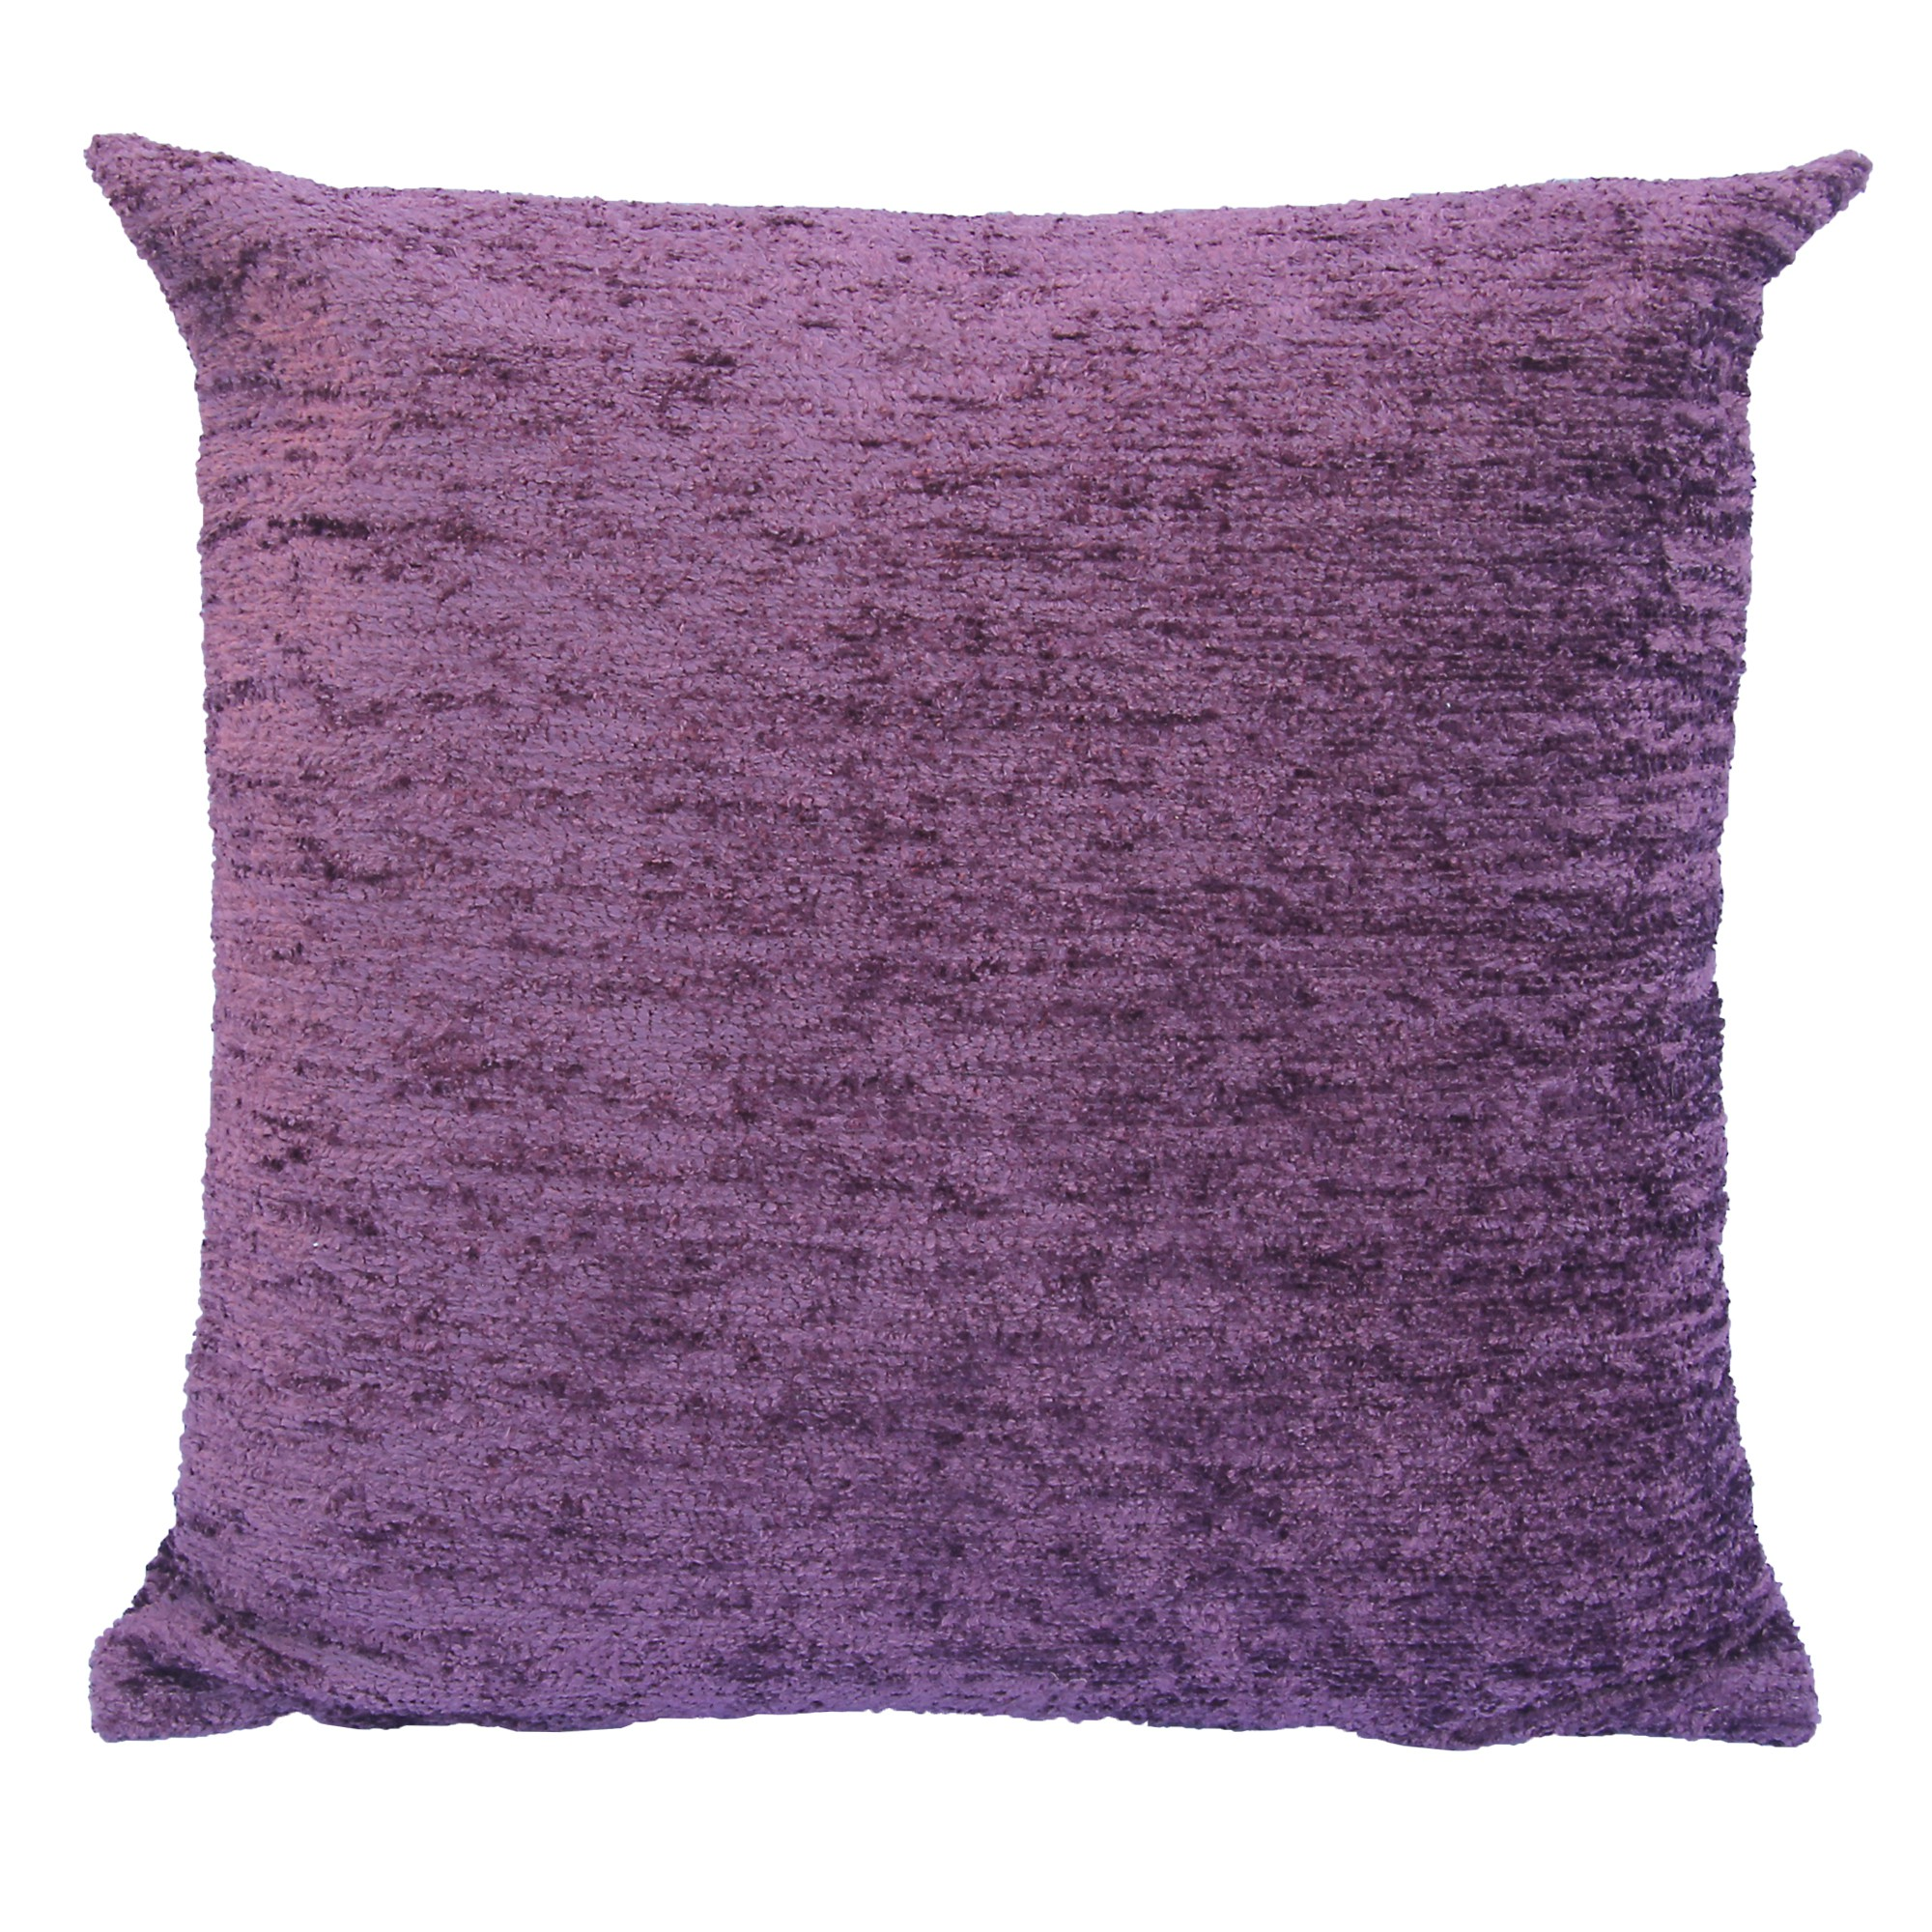 chenille housse de coussin 40x40 50x50 40x60 cm diff rentes couleurs ebay. Black Bedroom Furniture Sets. Home Design Ideas